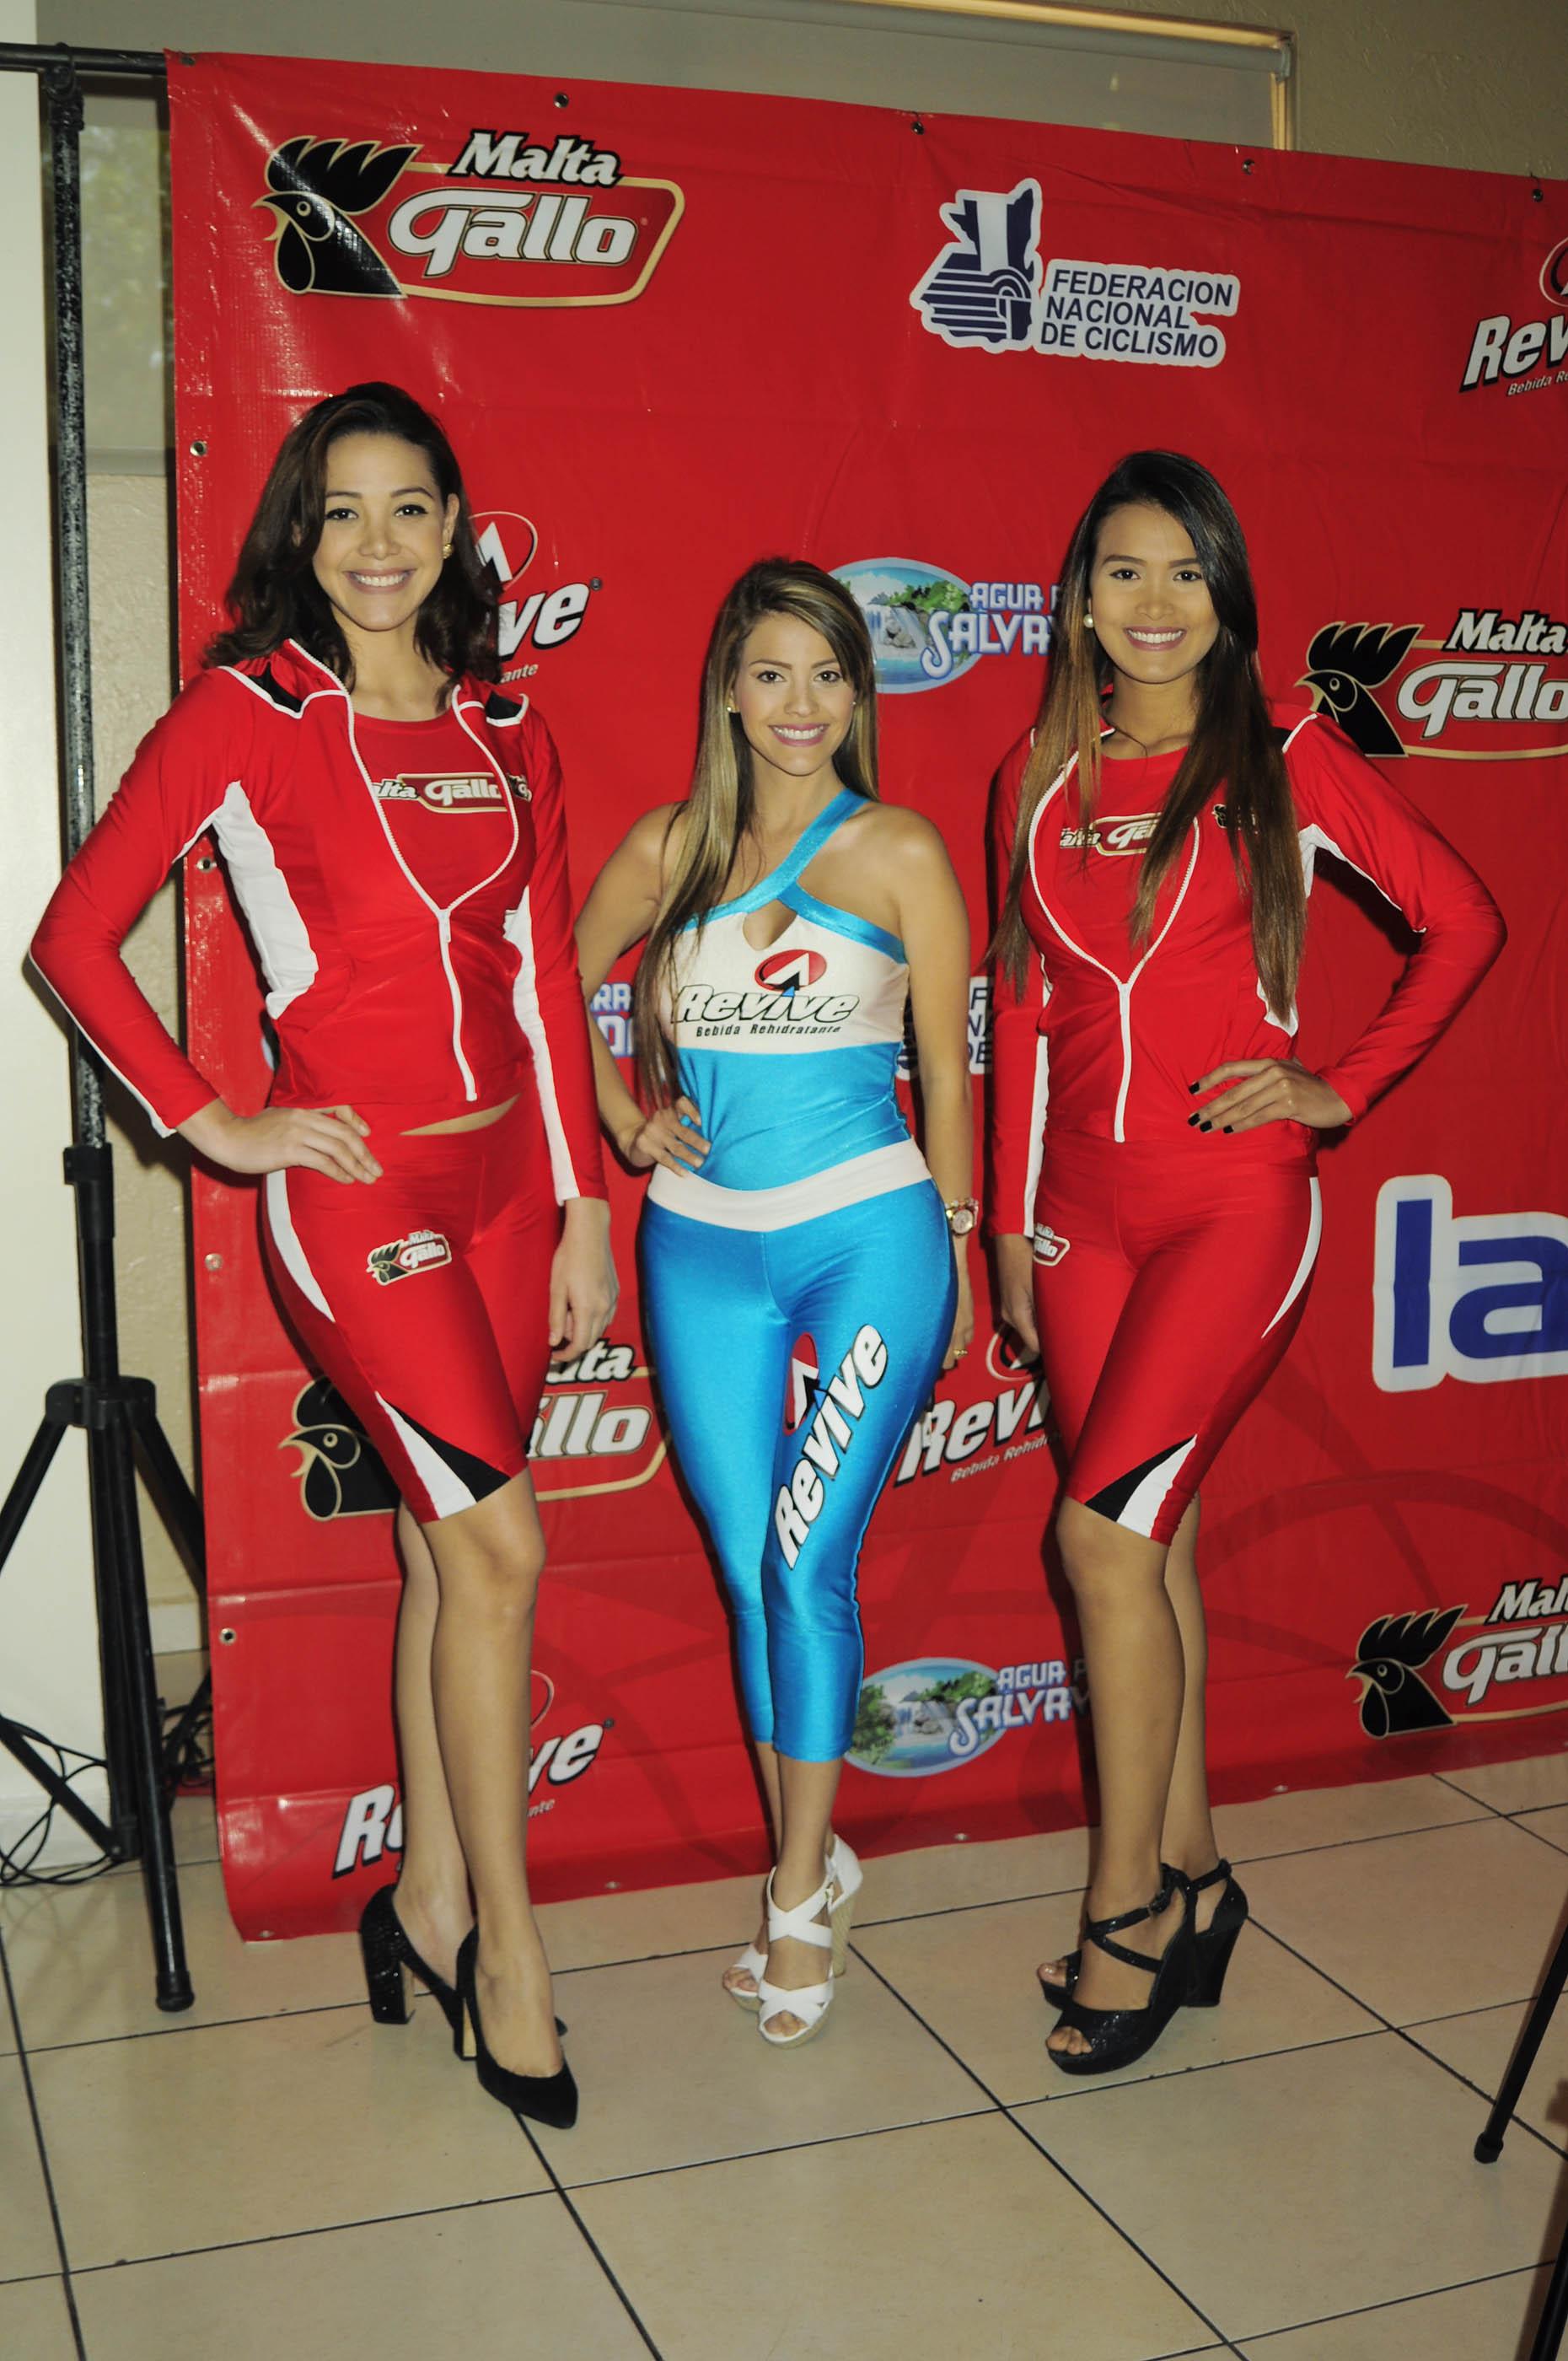 (((FOTOS))) Estos son los cambios de los equipos de Liga Nacional con las chicas Gallo